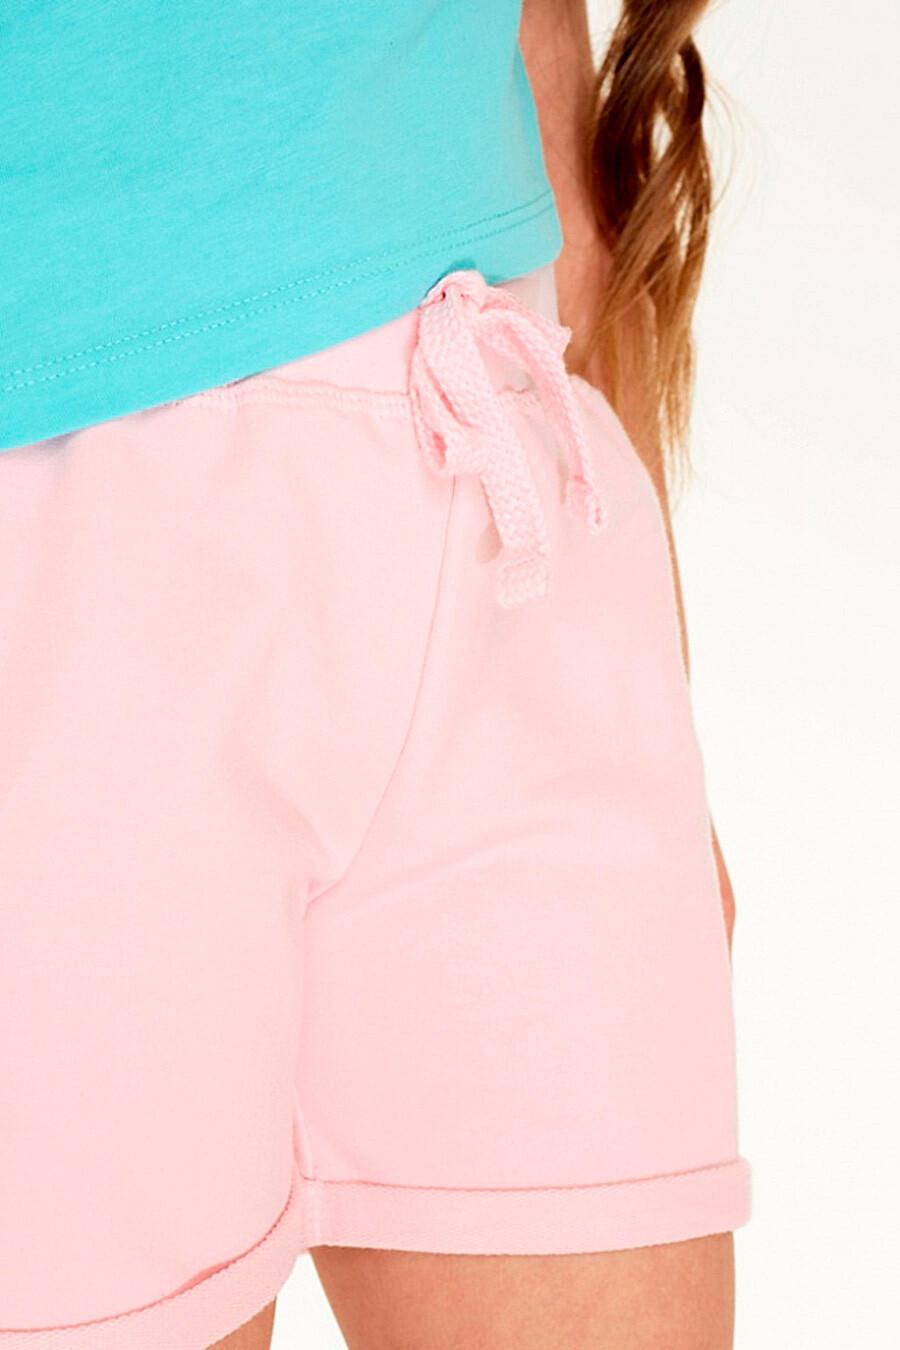 Шорты для девочек UMKA 321848 купить оптом от производителя. Совместная покупка детской одежды в OptMoyo